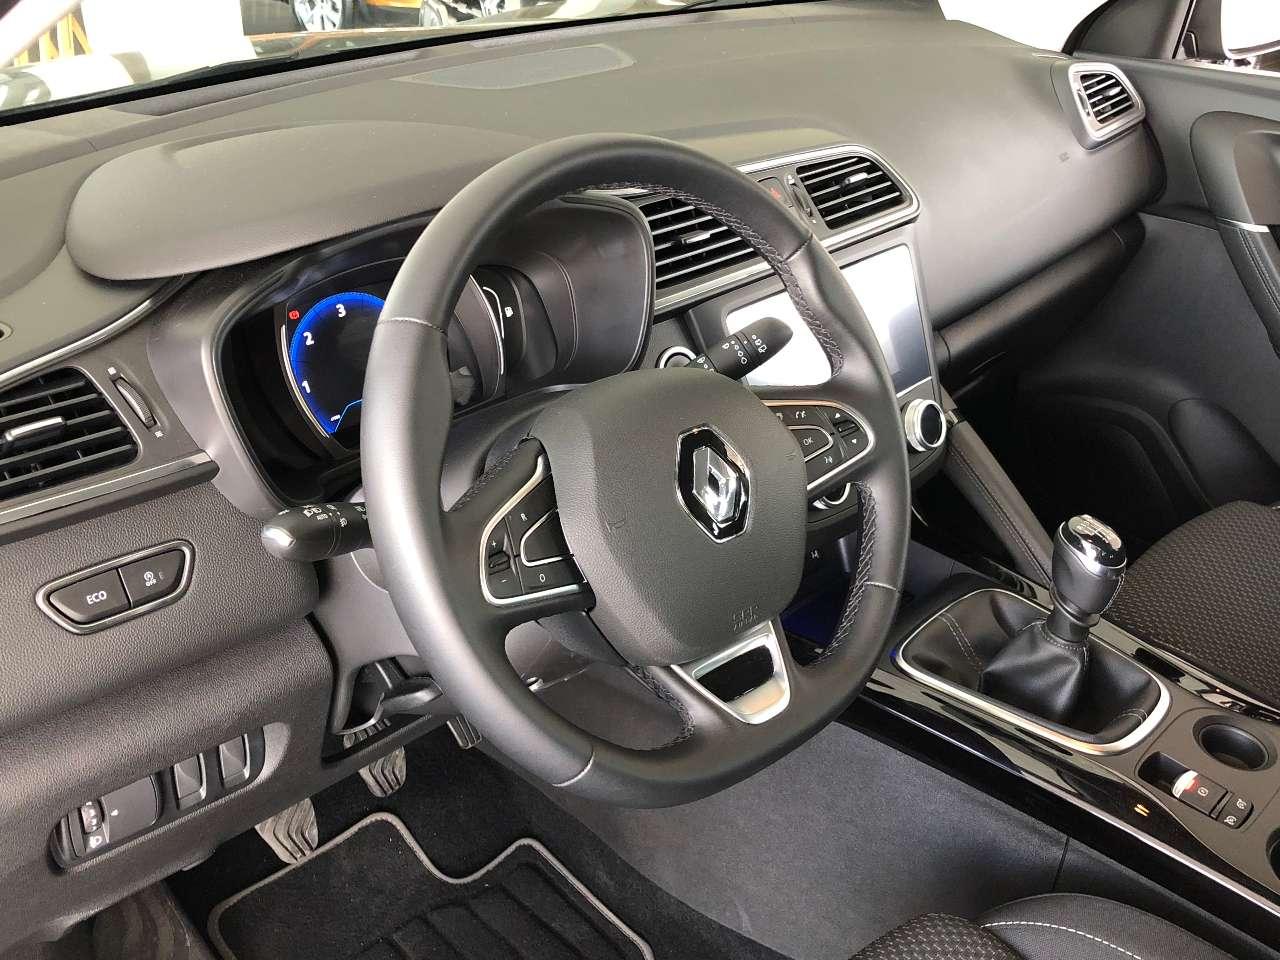 Renault Kadjar Blue dCi 8V 115CV Business